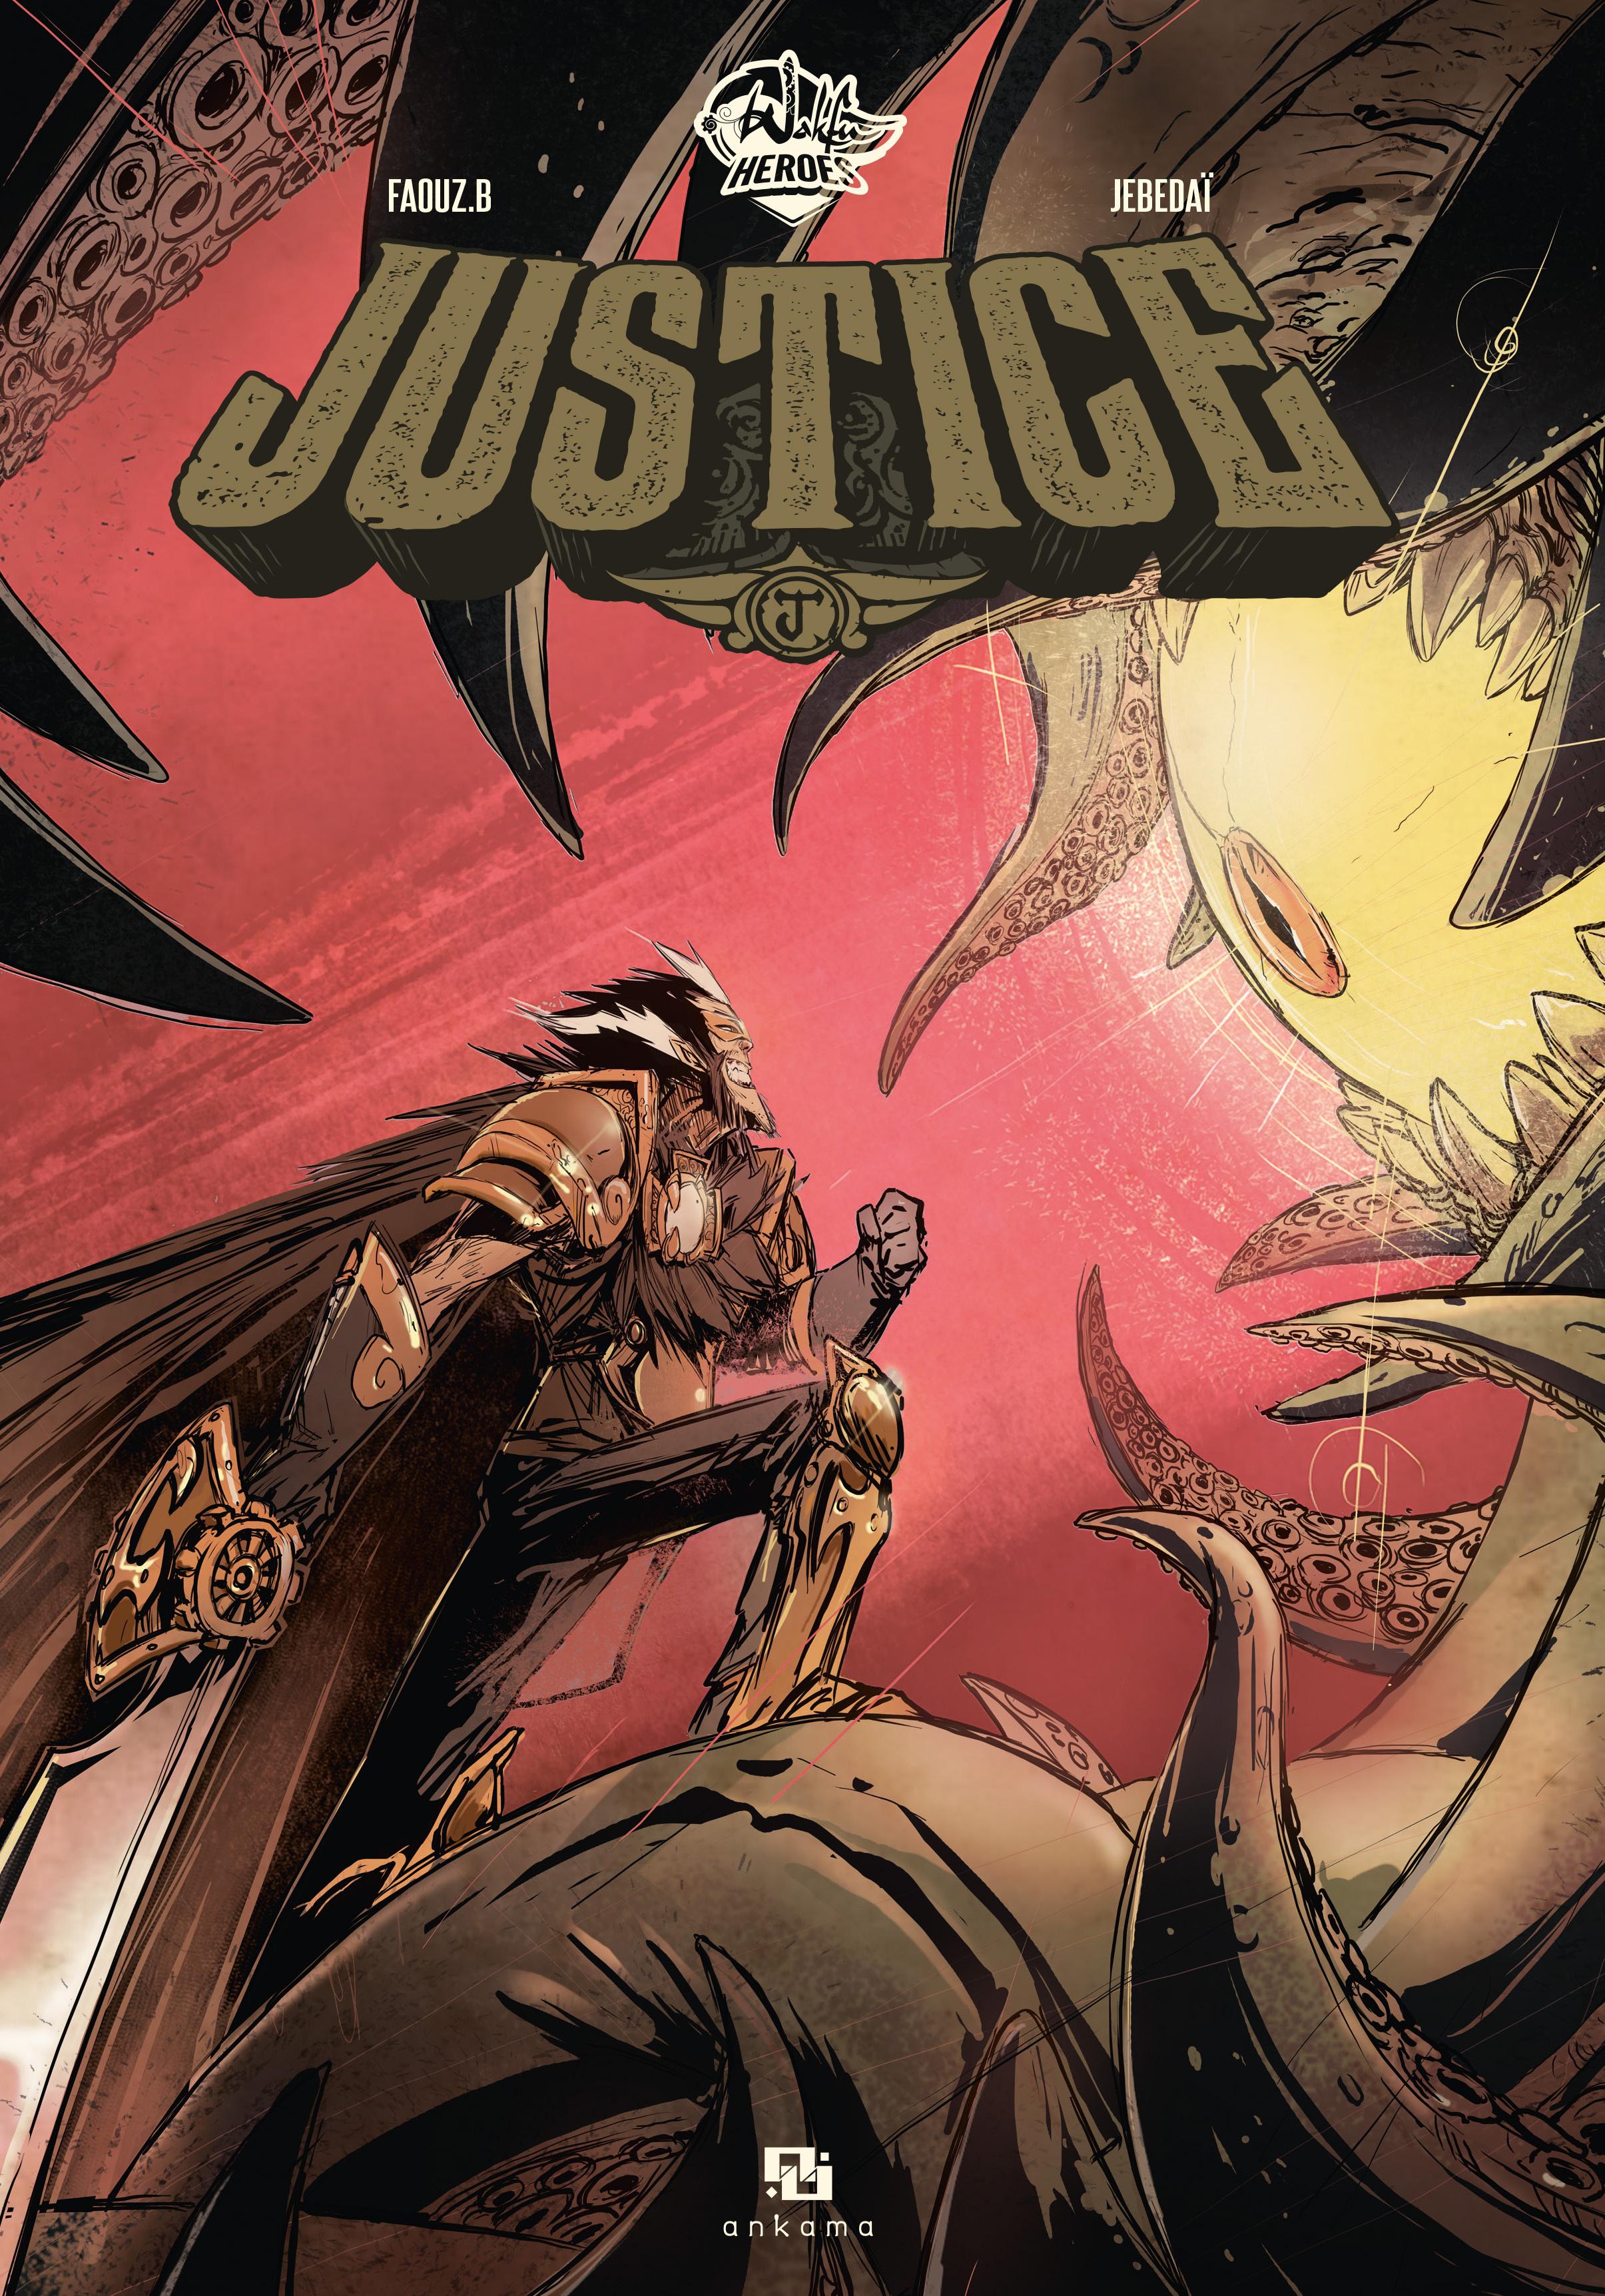 WAKFU HEROES JUSTICE